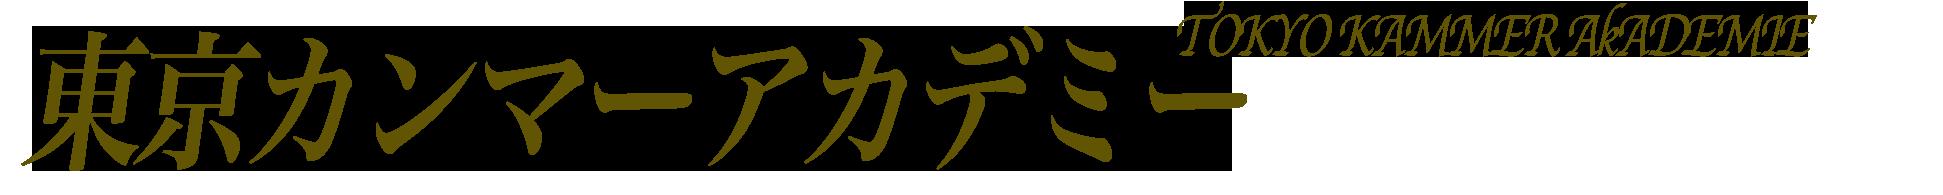 東京カンマーアカデミー